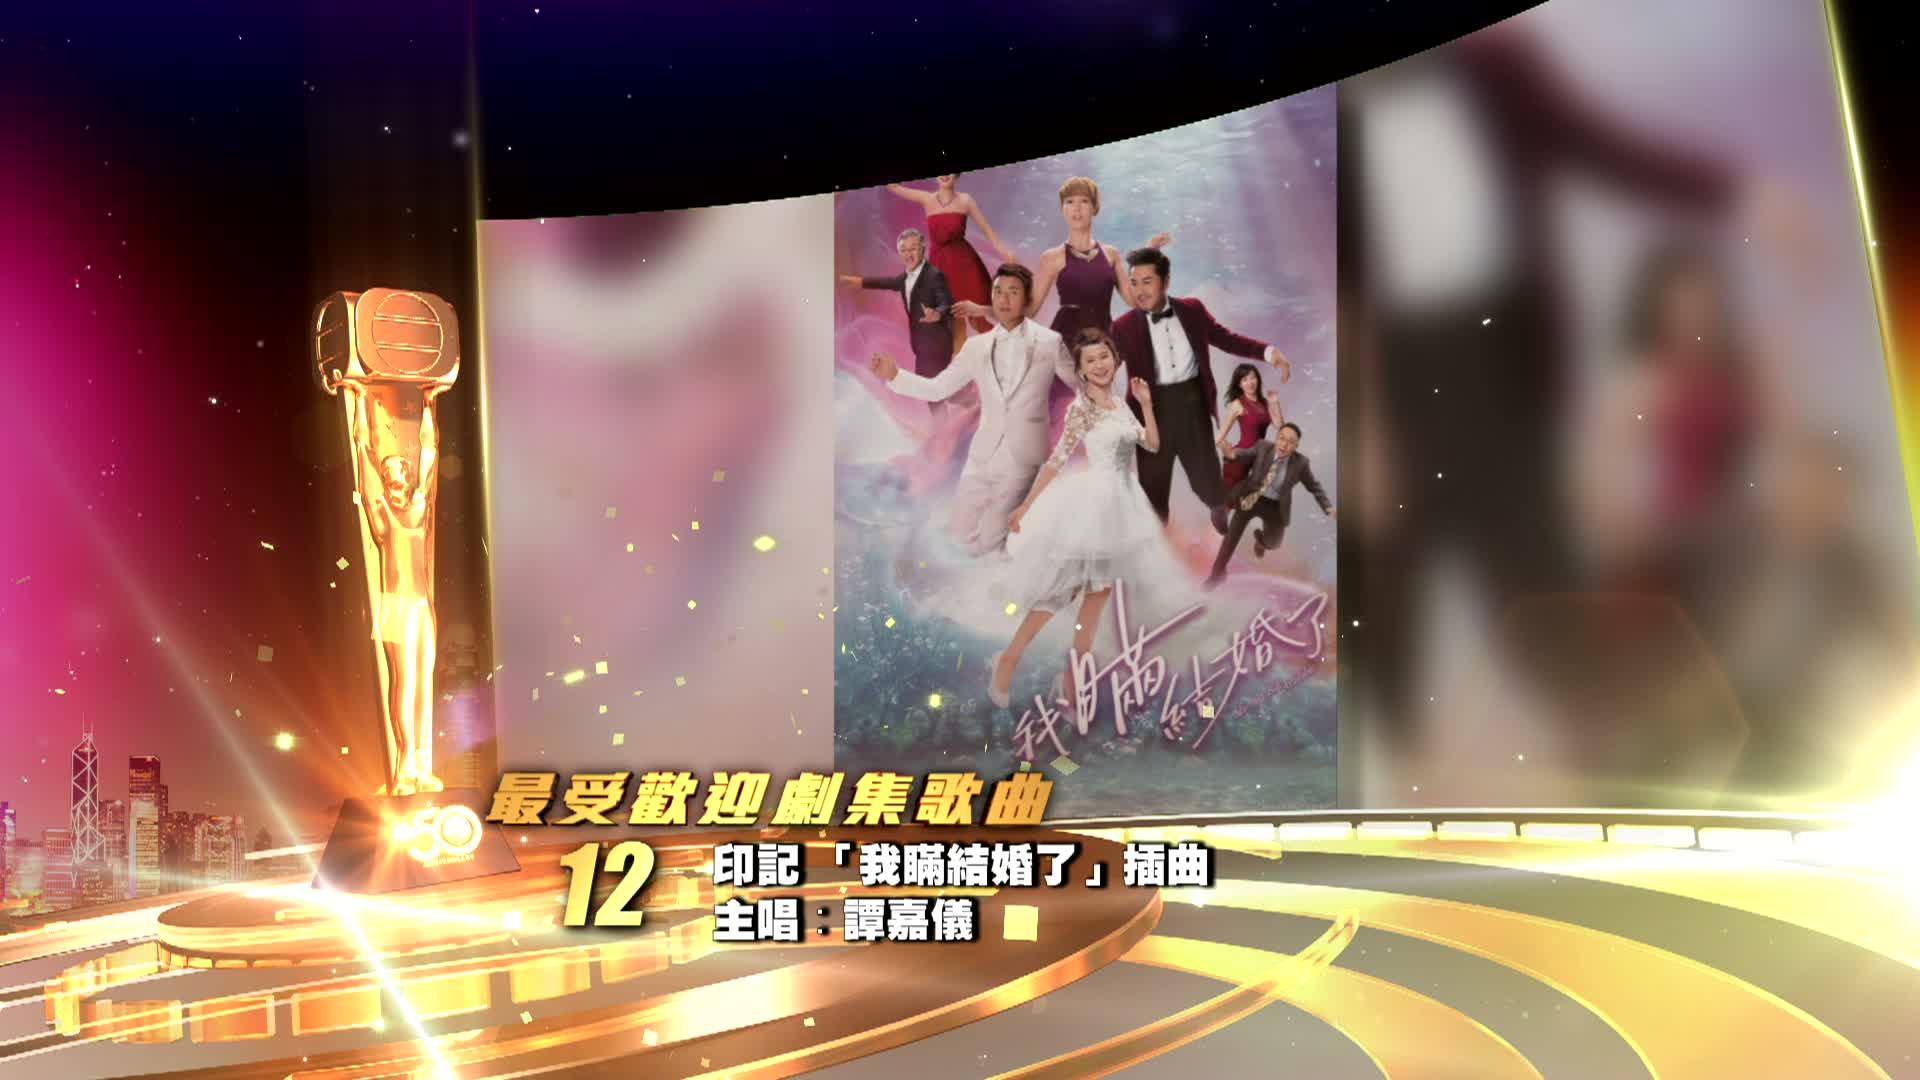 12. 譚嘉儀-印記《我瞞結婚了》插曲